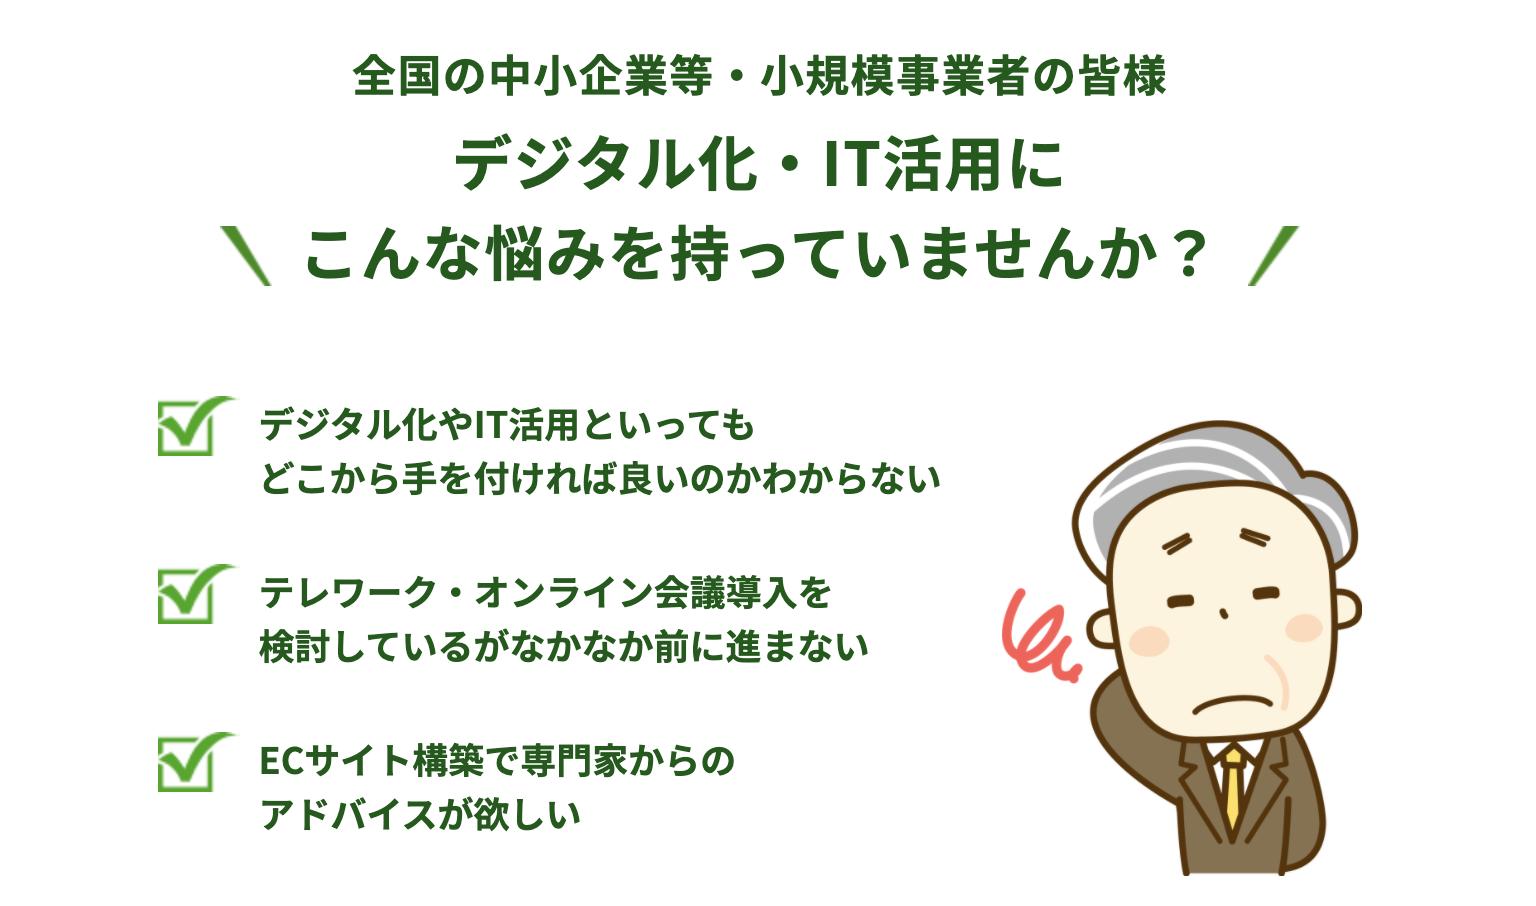 鈴木浩三 IT専門家